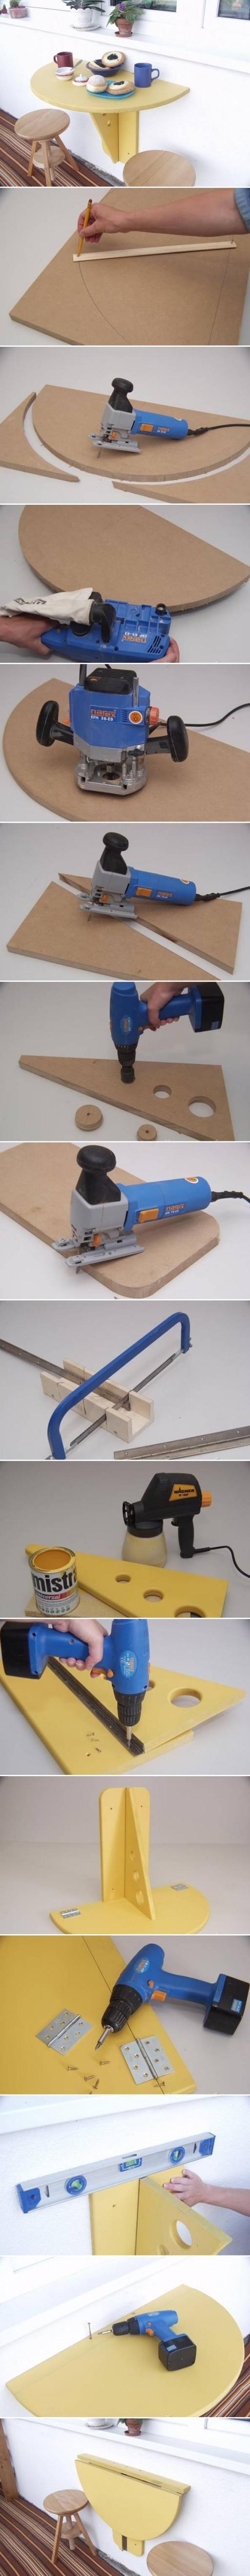 Пошаговая инструкция по сборке столика